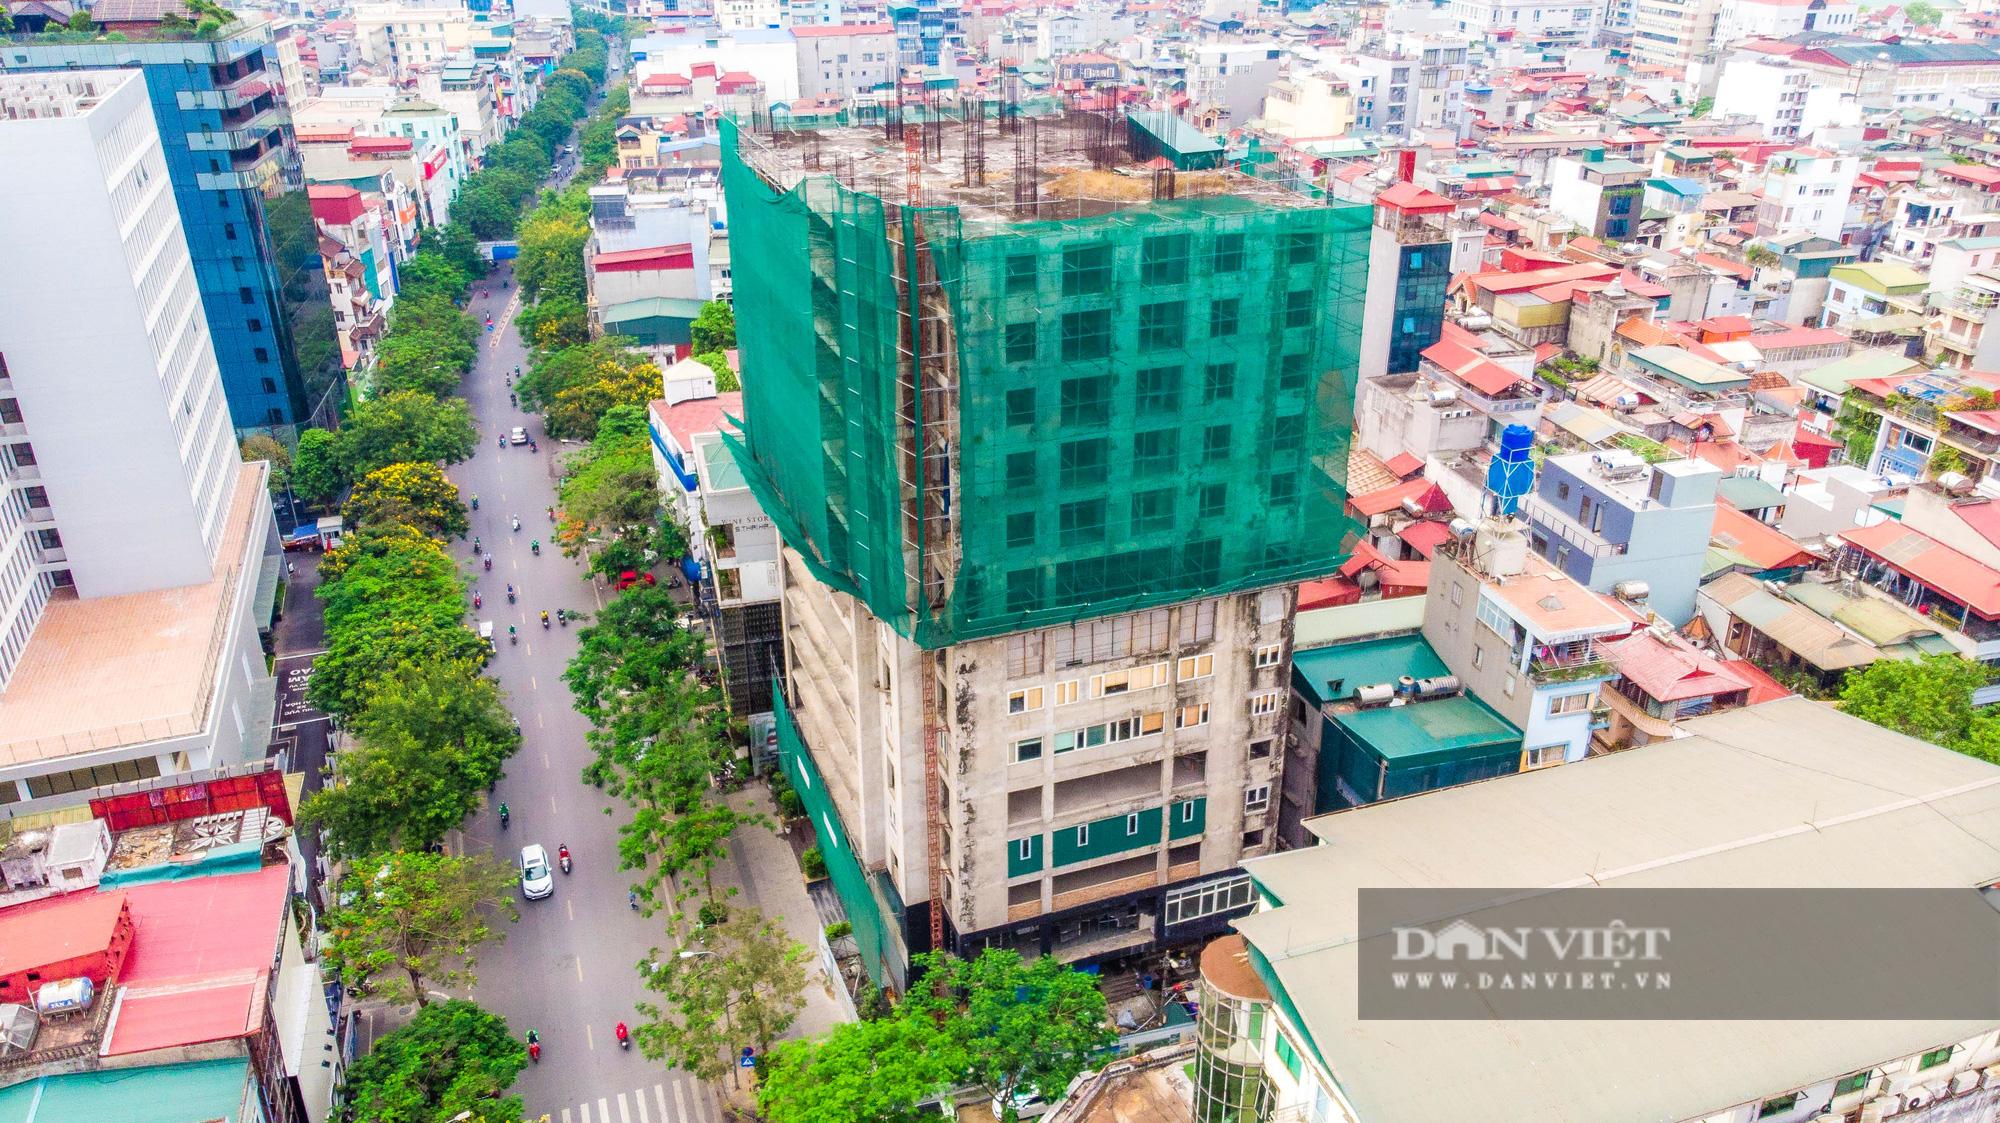 """Toàn cảnh dự án cao ốc 131 Thái Hà bị """"lãng quên"""" hơn 1 thập kỷ - Ảnh 1."""